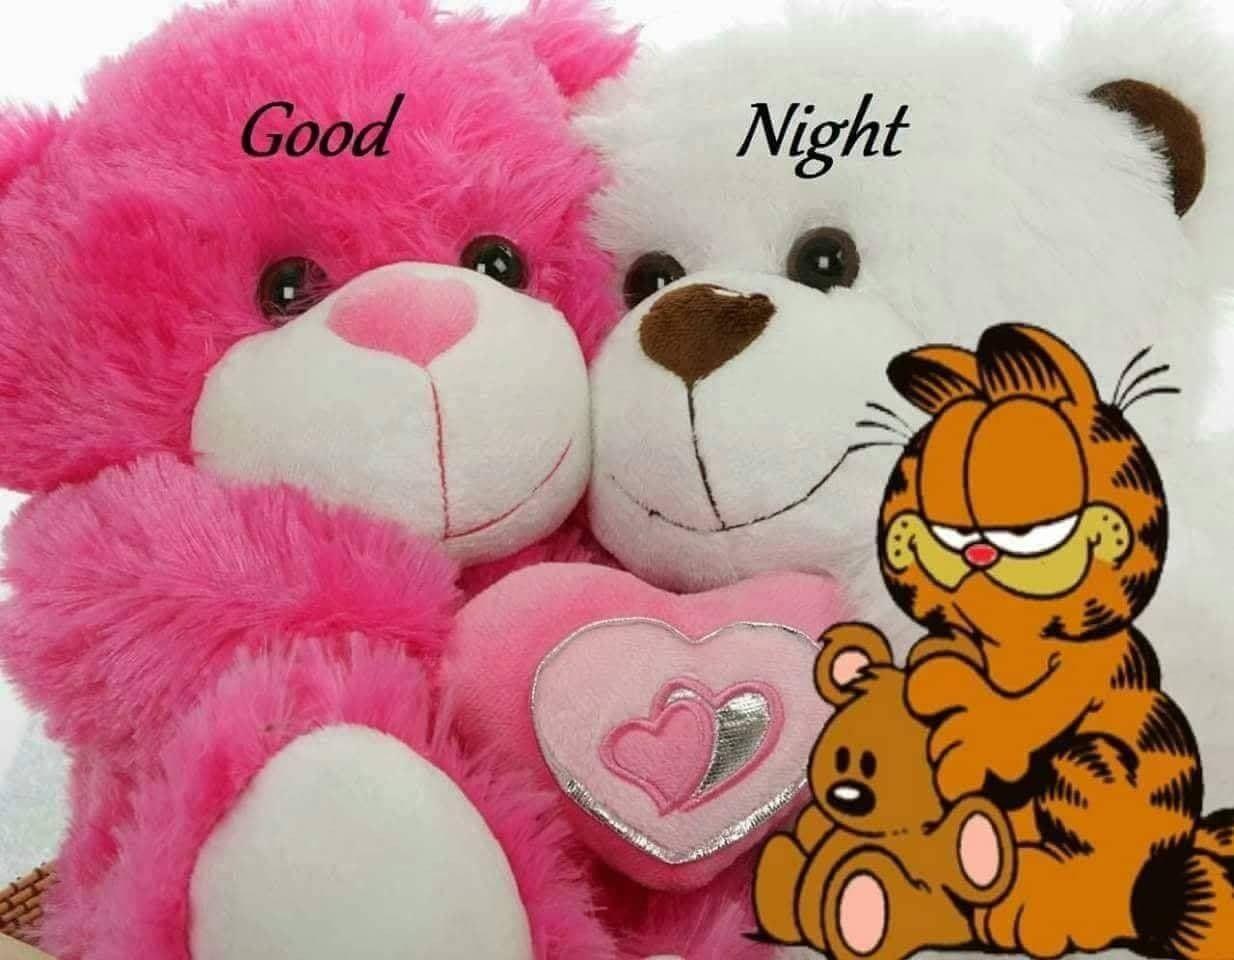 Süße gute nacht nachricht - Süße gute nacht nachricht